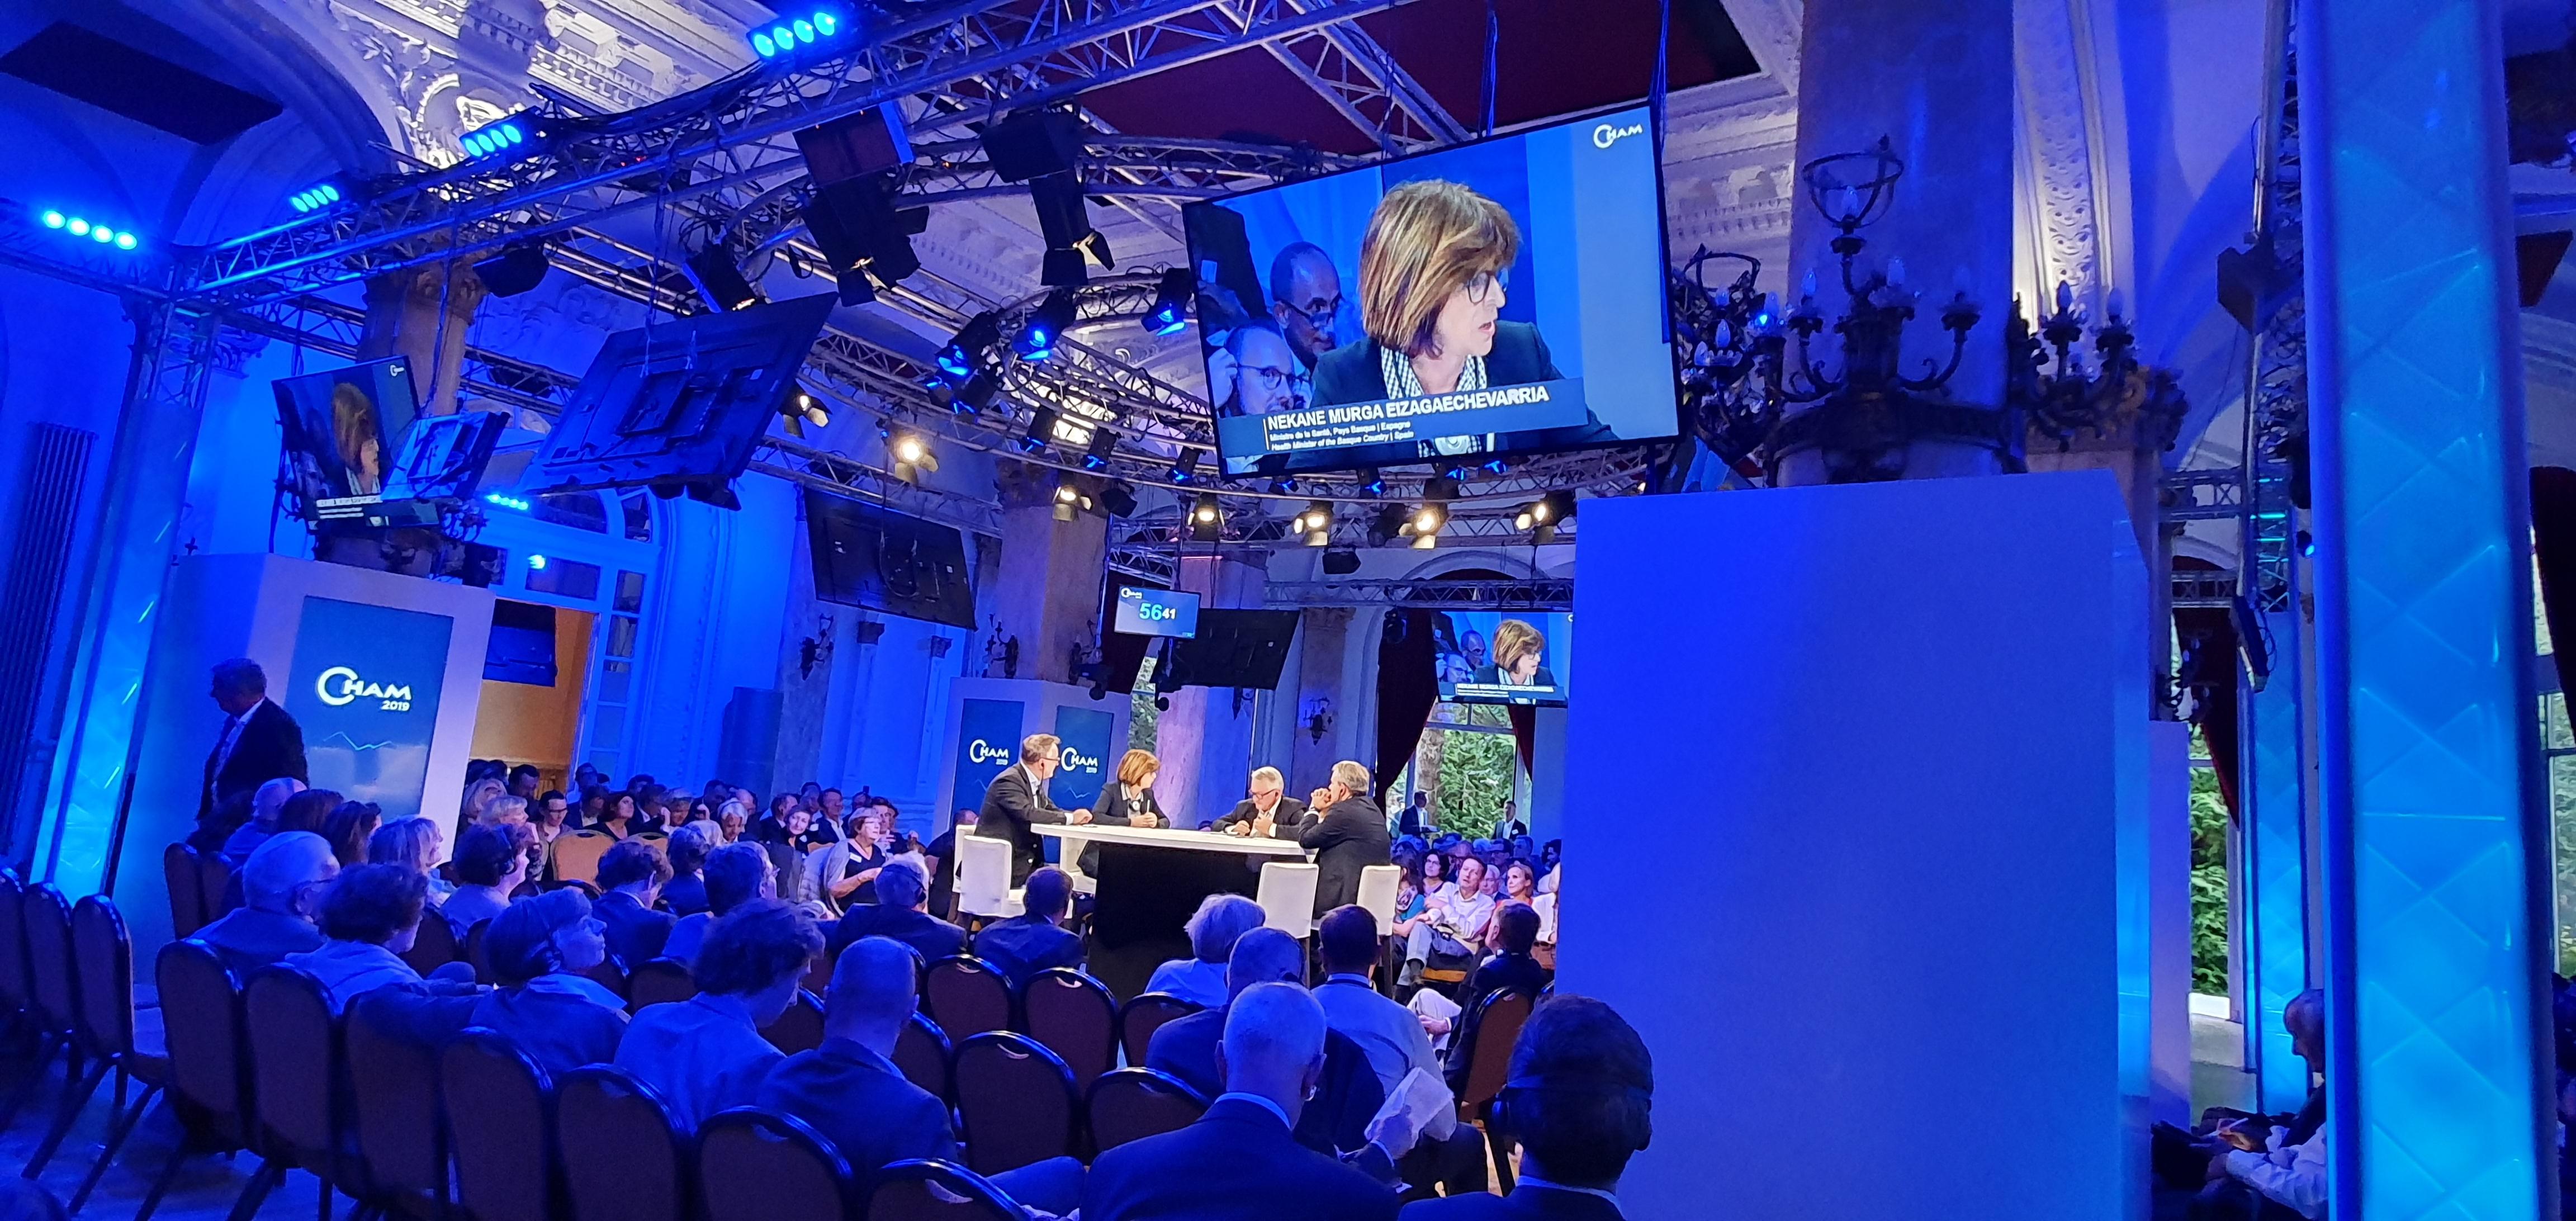 nekane_murga_congreso_europeo_02.jpg